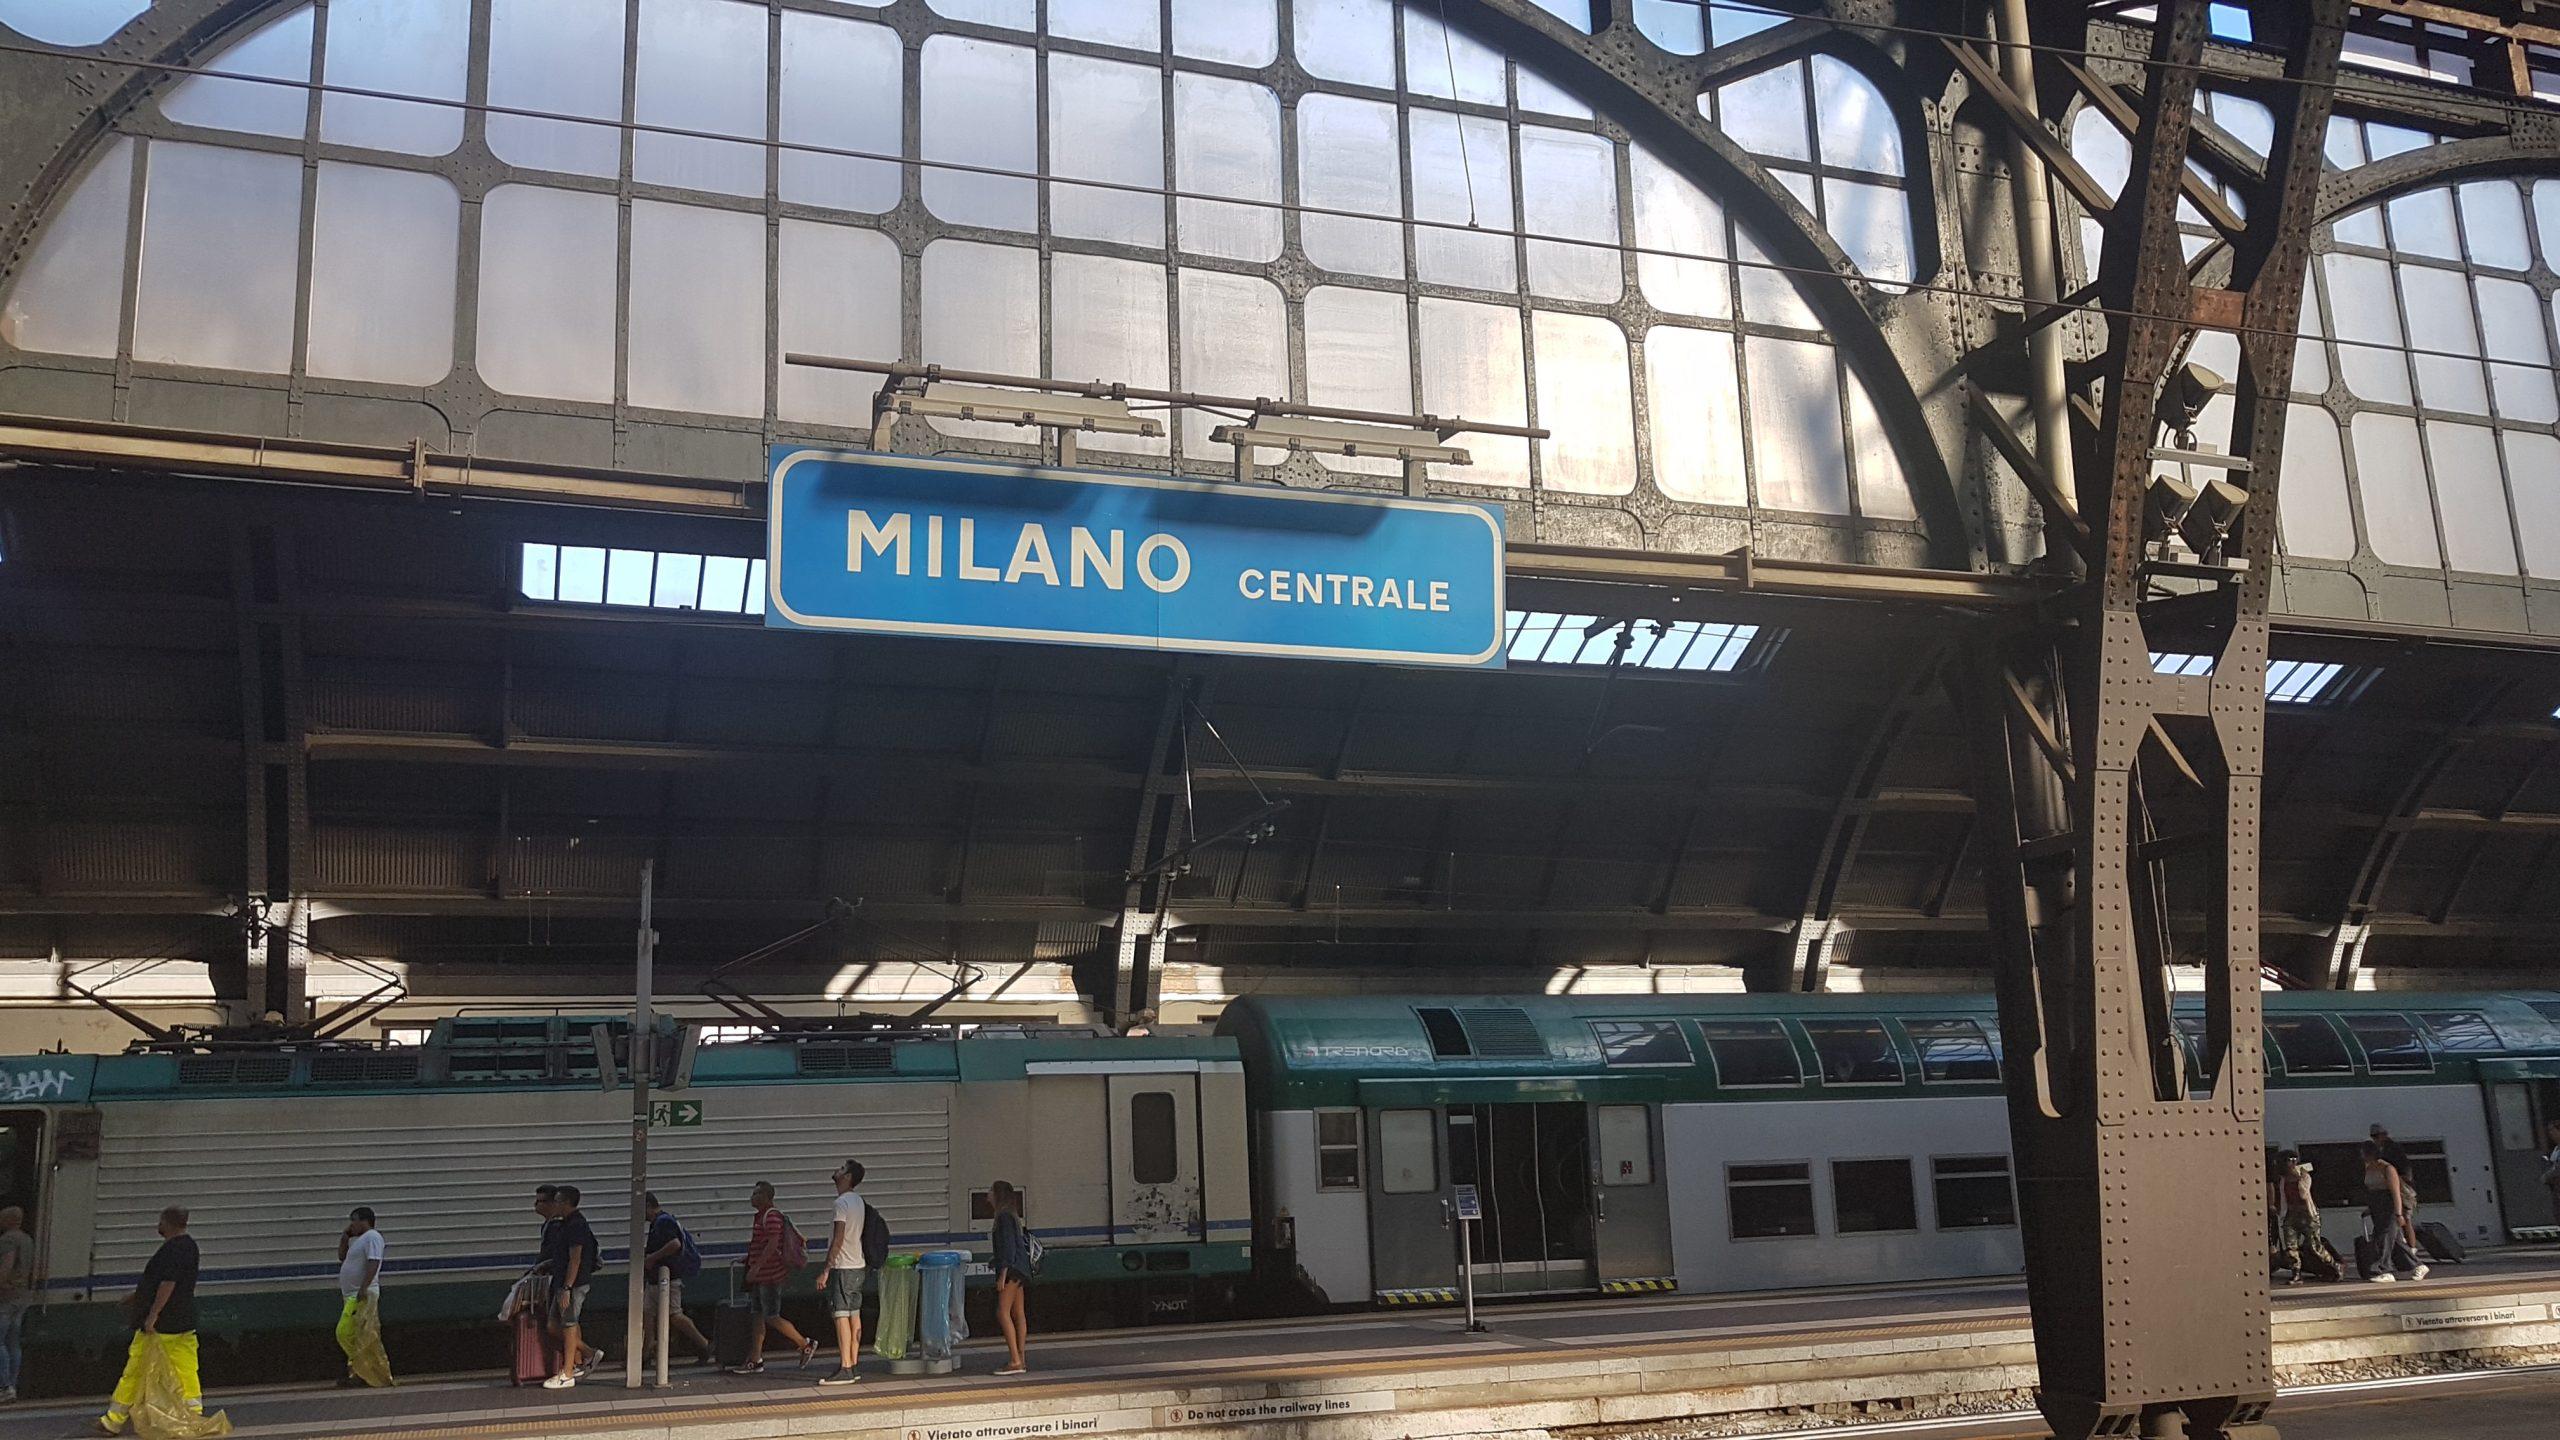 Cartel de la estación de tren de Milan